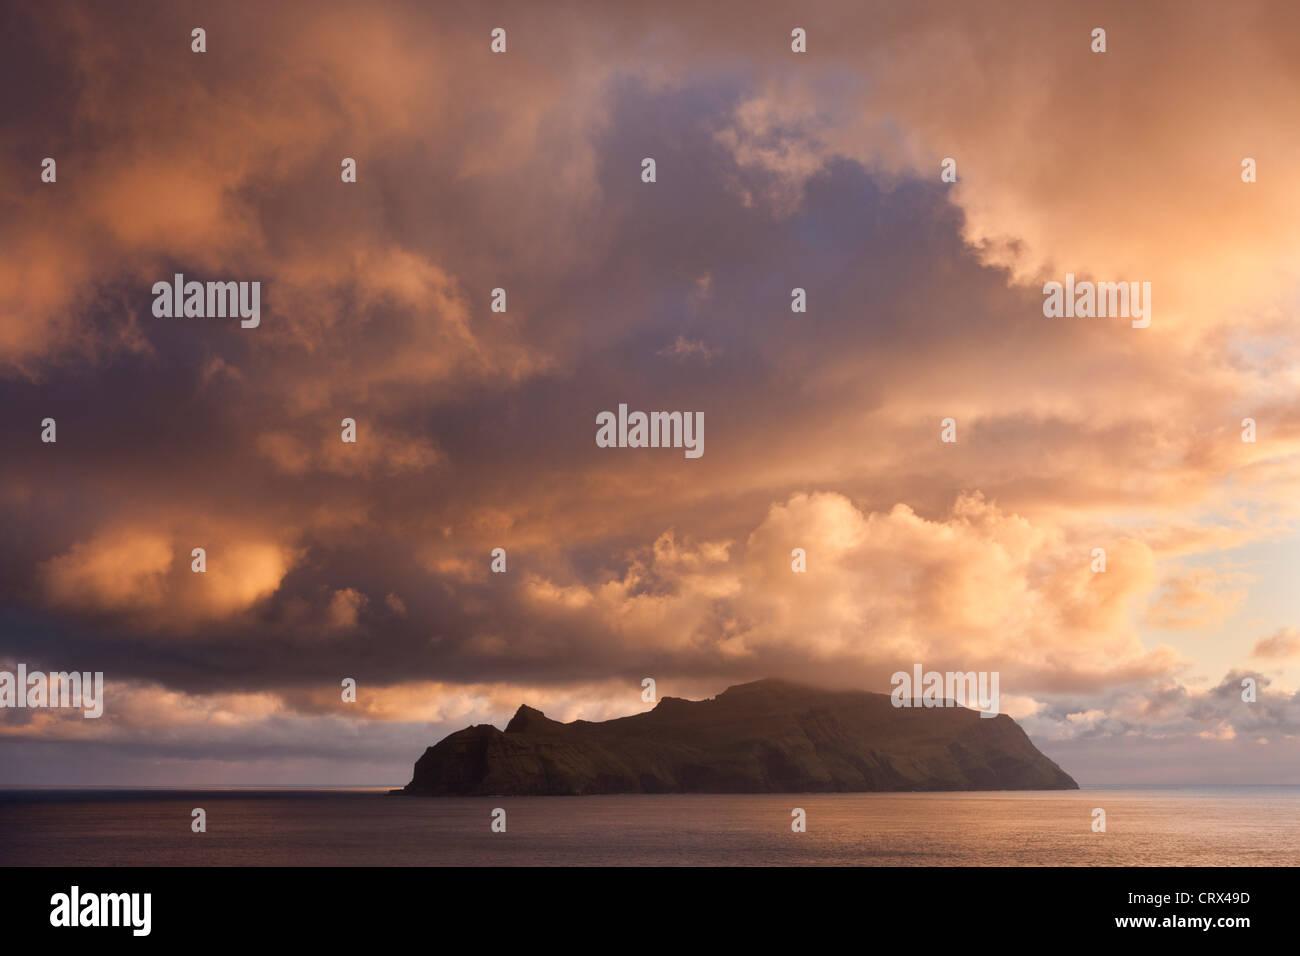 Spectaculaire coucher de ciel au-dessus de l'île de Mykines, aux îles Féroé. Printemps (mai) Photo Stock